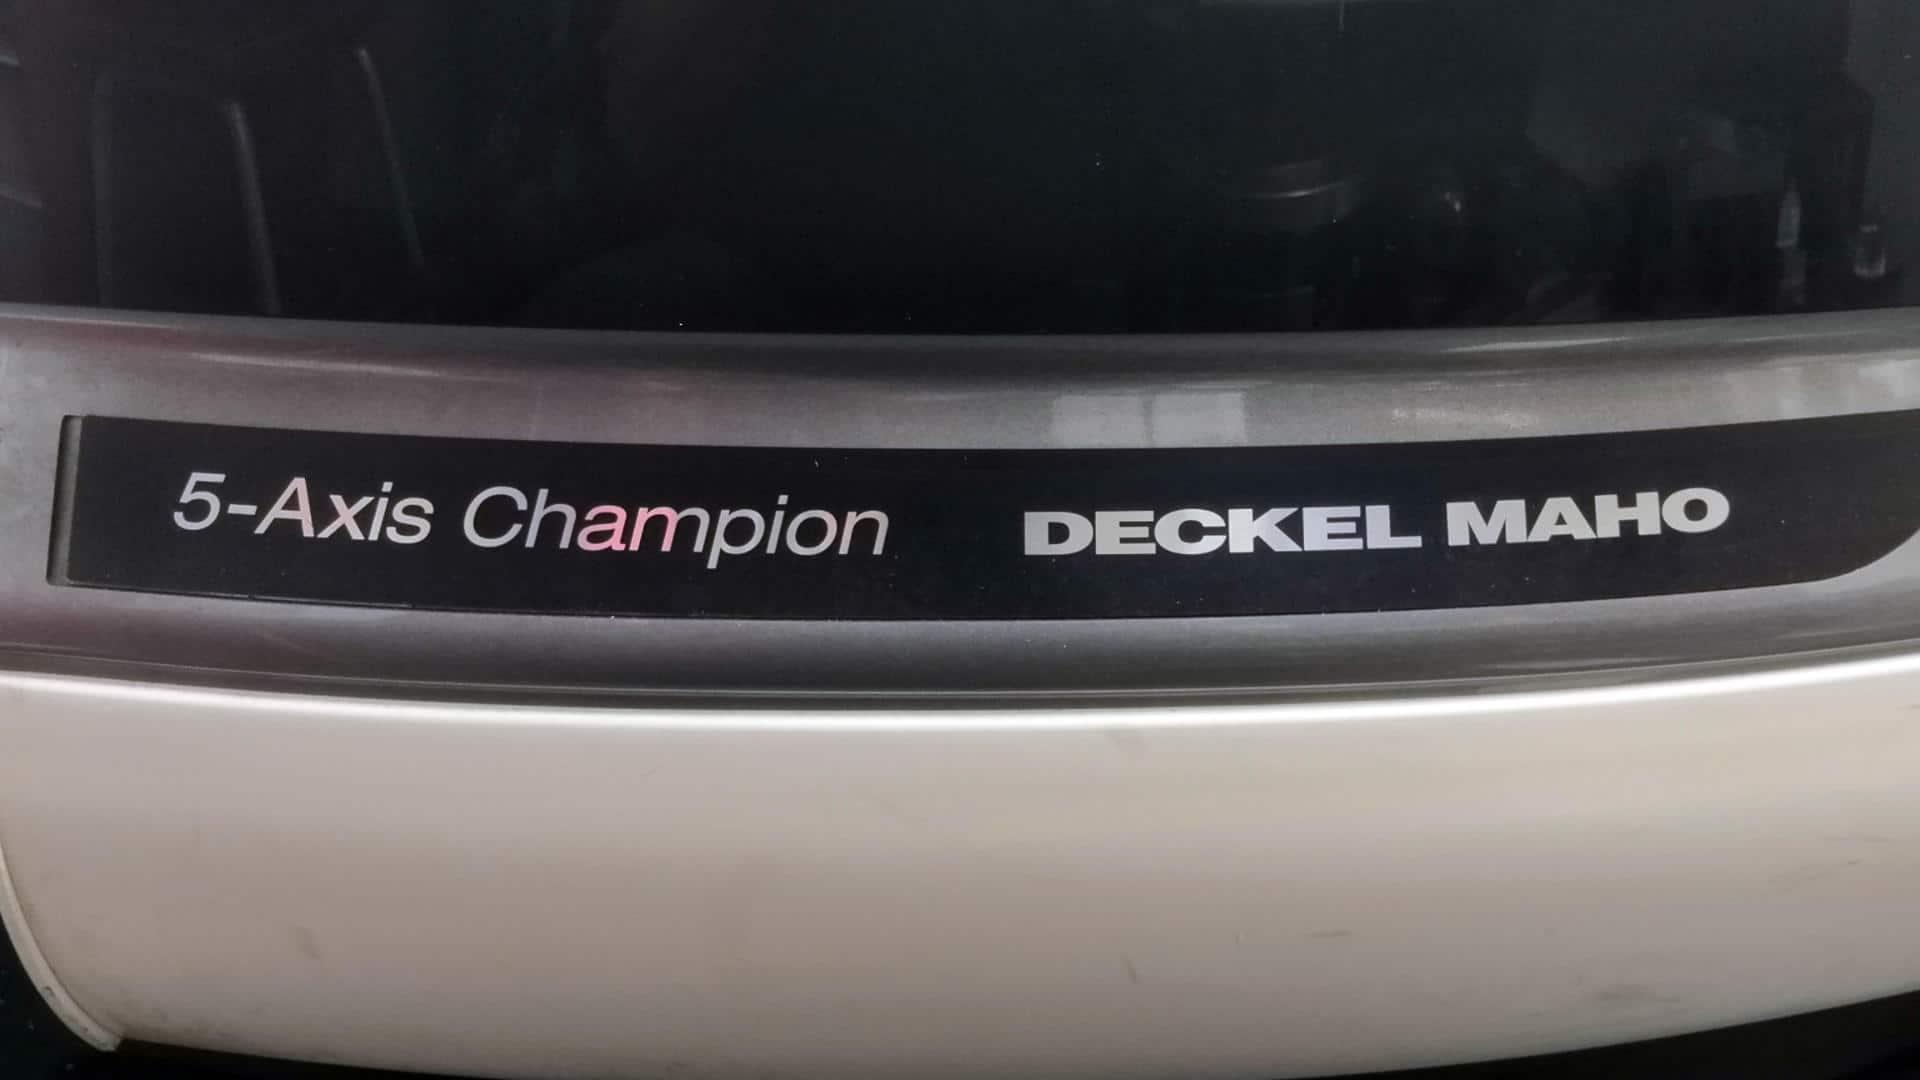 Deckel Maho 5-axis Champion